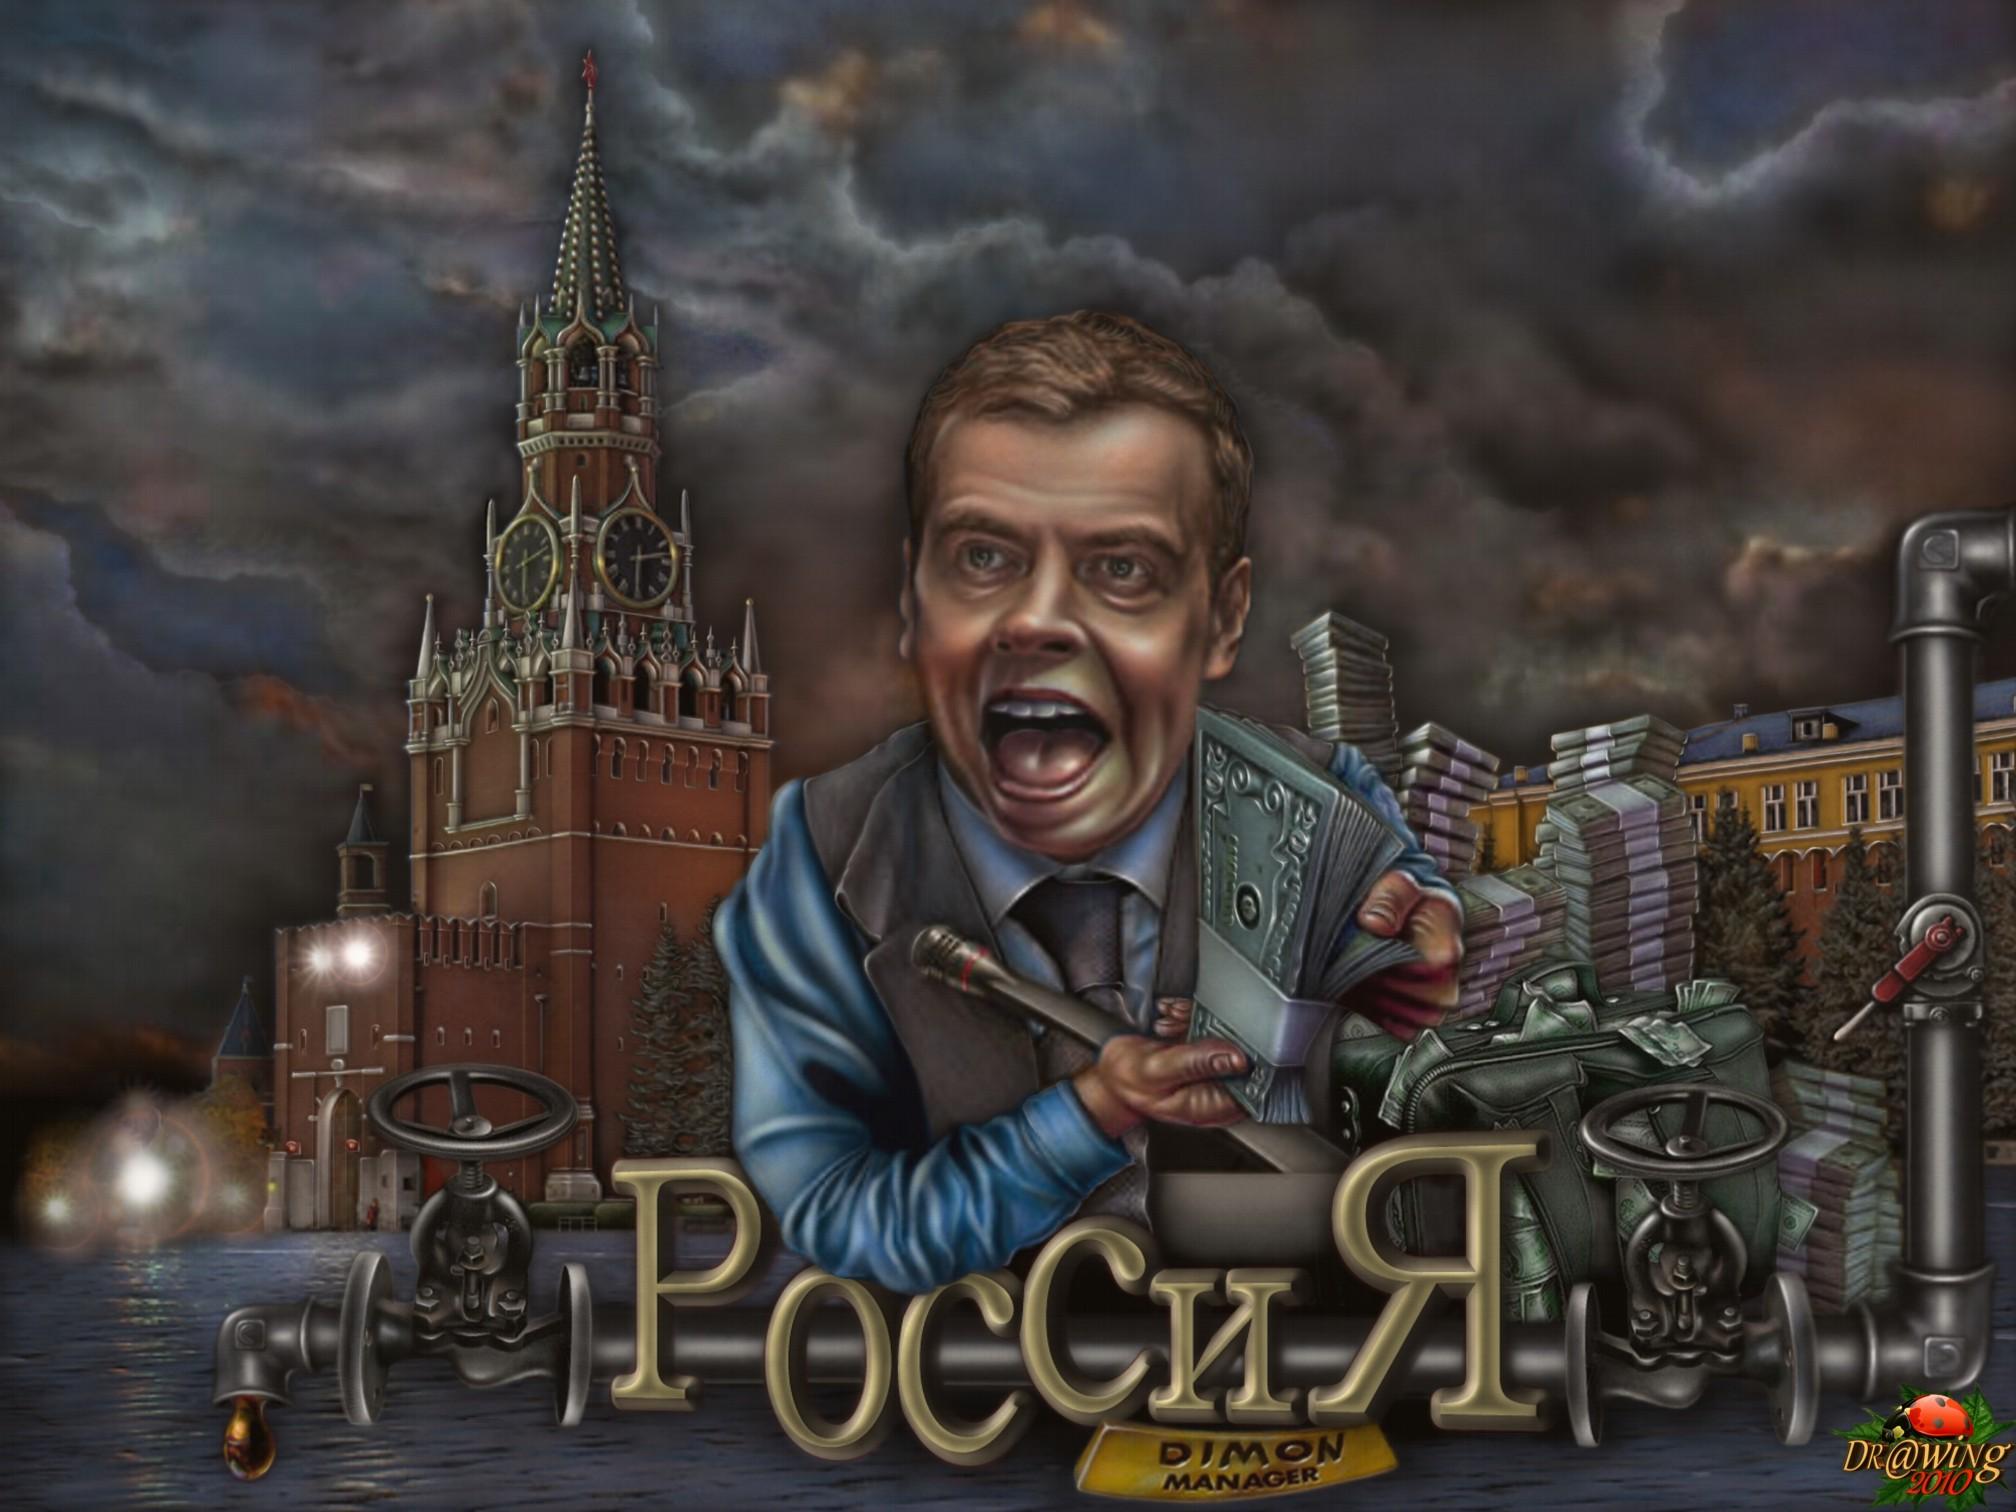 367744_kreml_medvedev_neft__2016x1512_(www.GdeFon.ru)